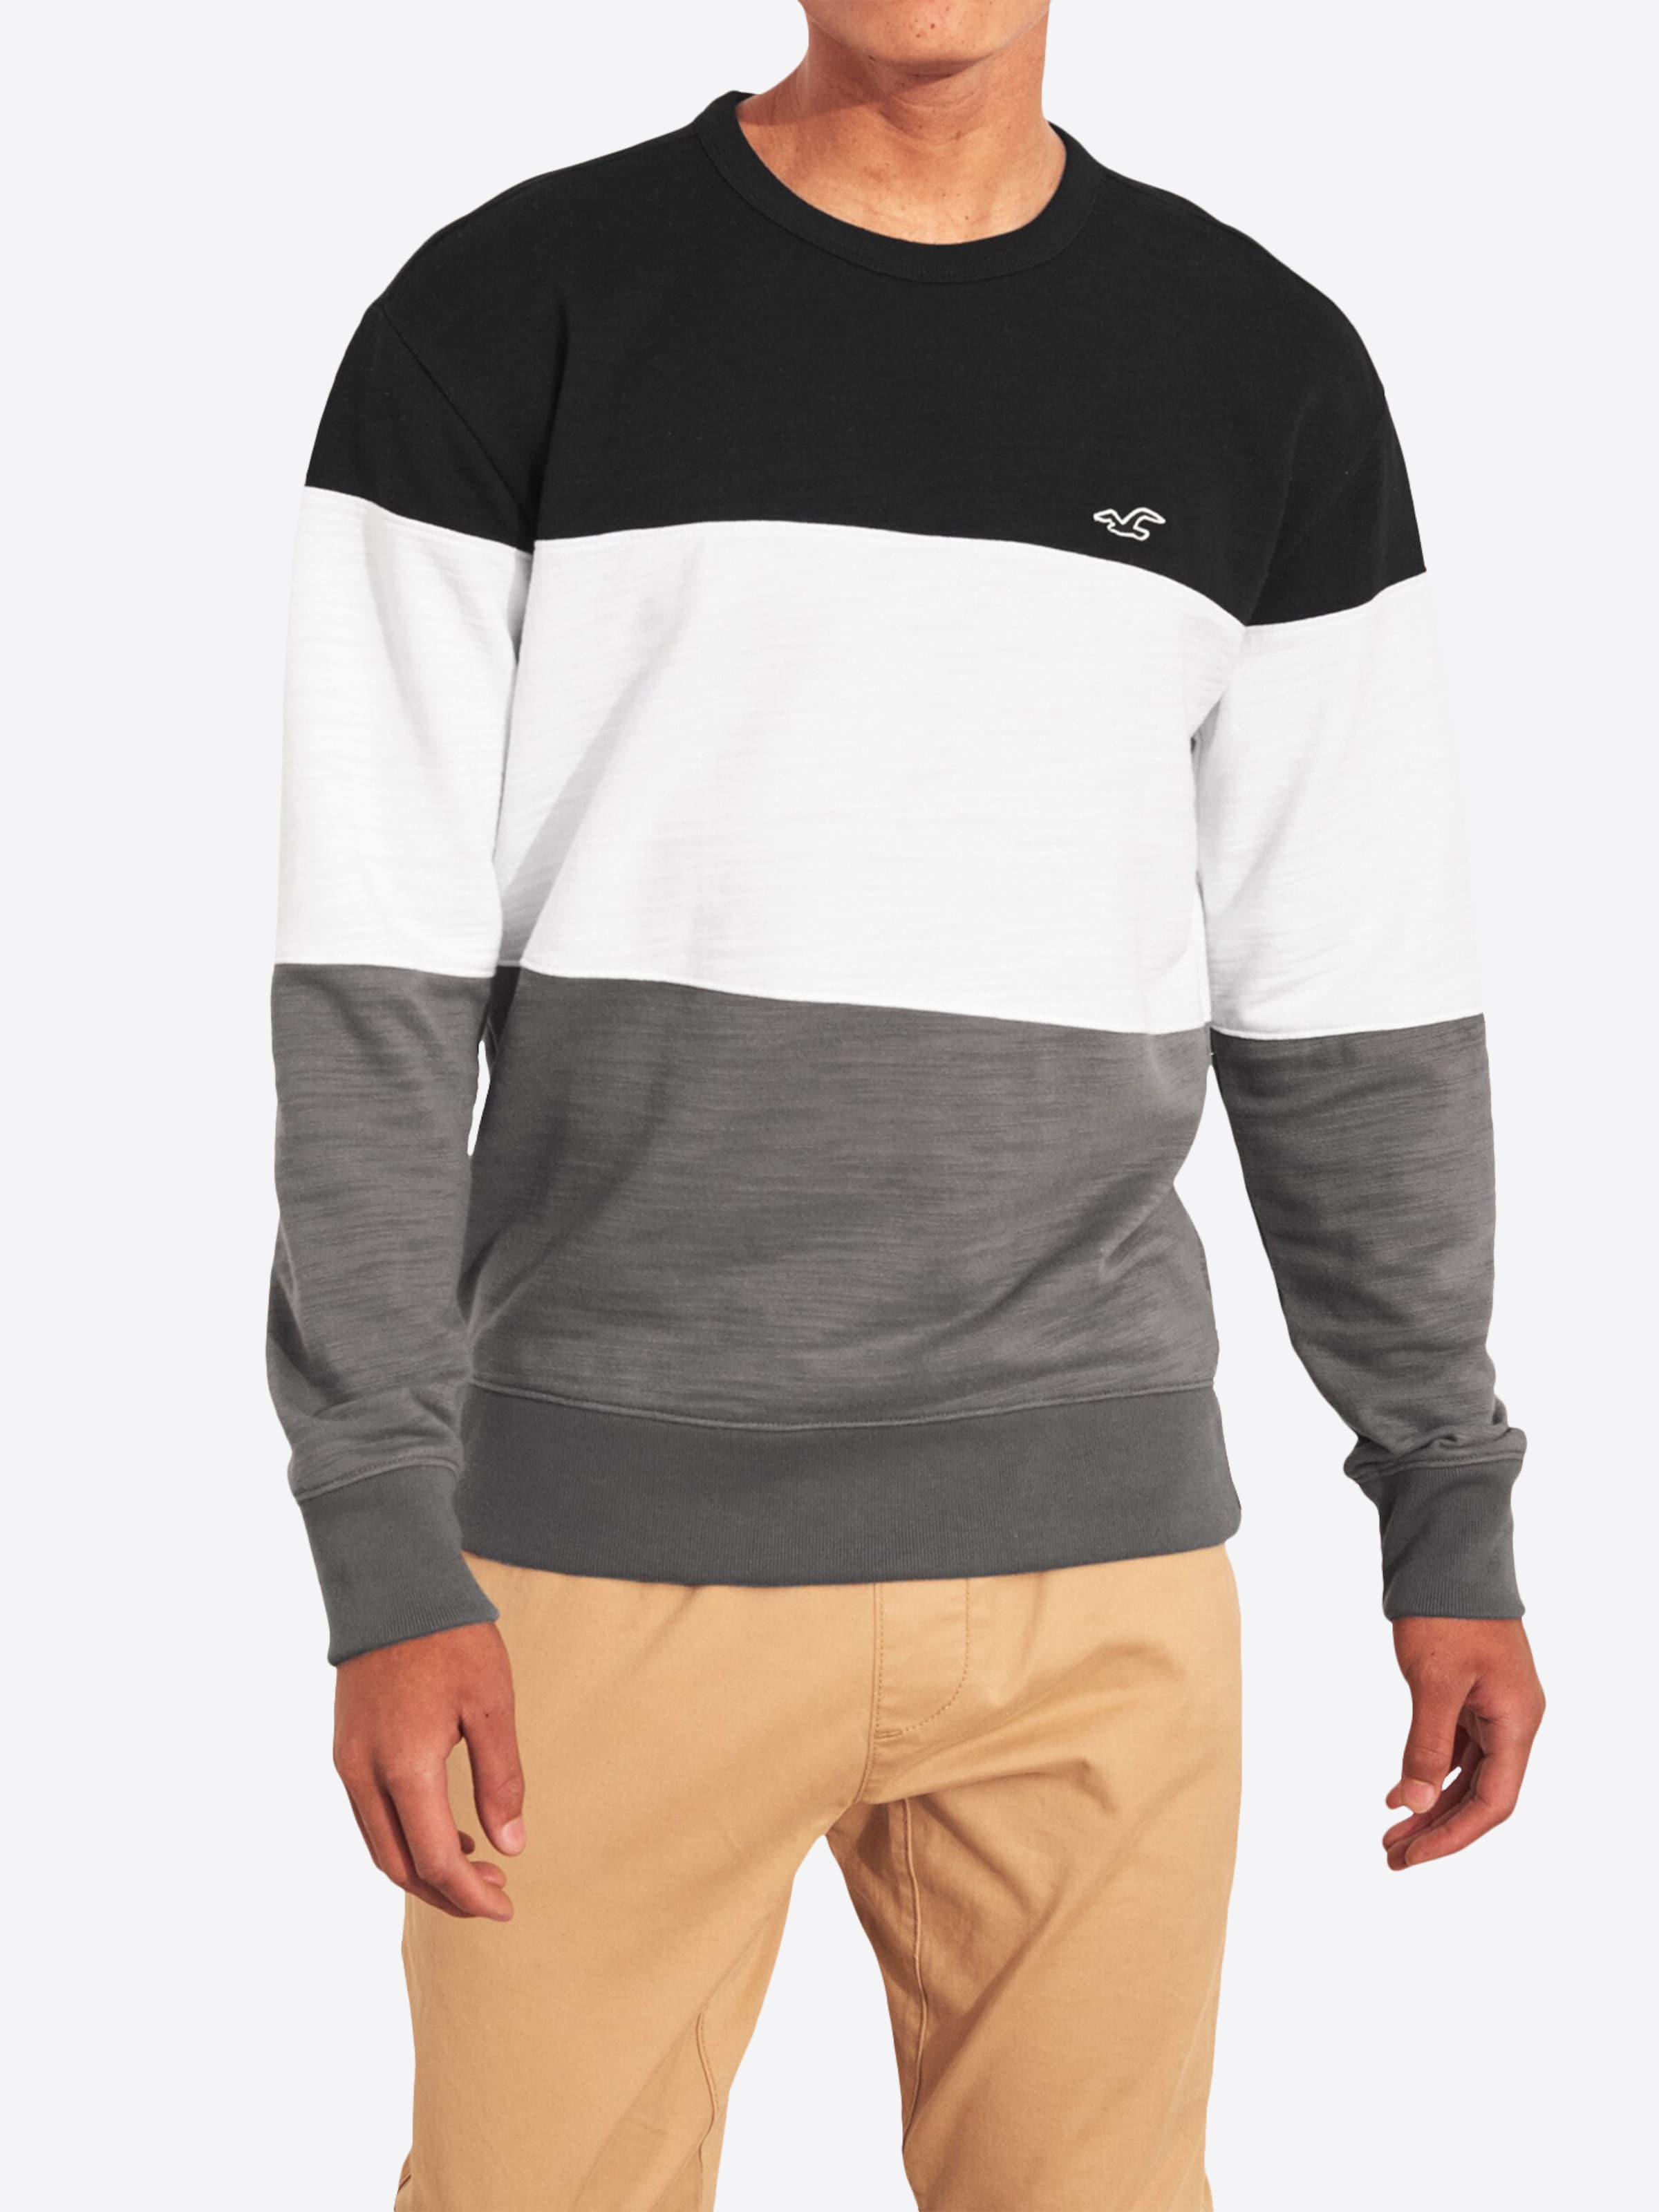 In Sweatshirt Sweatshirt Sweatshirt Hollister DunkelgrauSchwarz In DunkelgrauSchwarz Hollister Hollister 9E2WDYHI